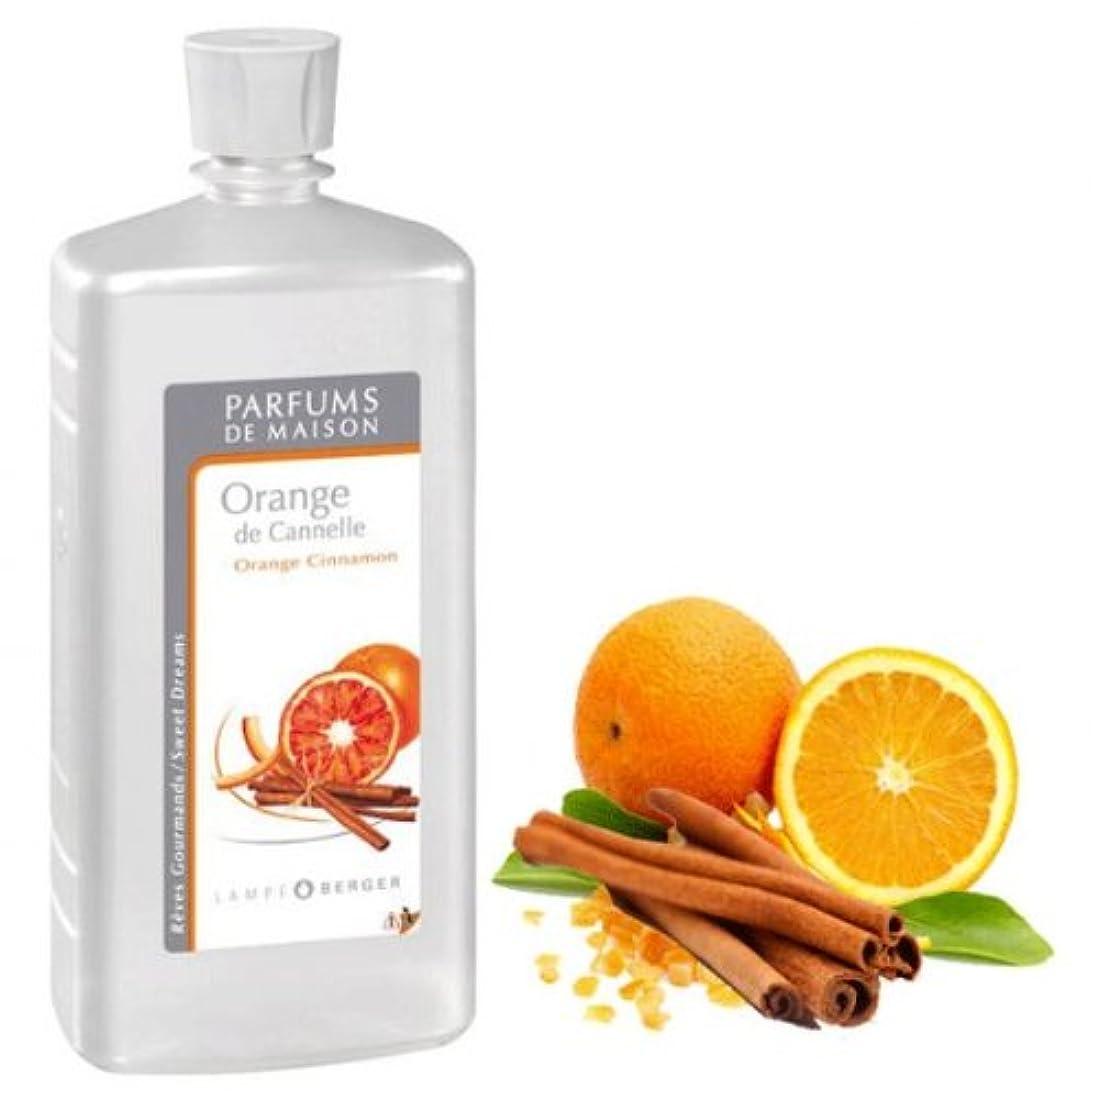 完全に乾くモーテルみがきます【フランス版】ランプベルジェオイル1L オレンジシナモン